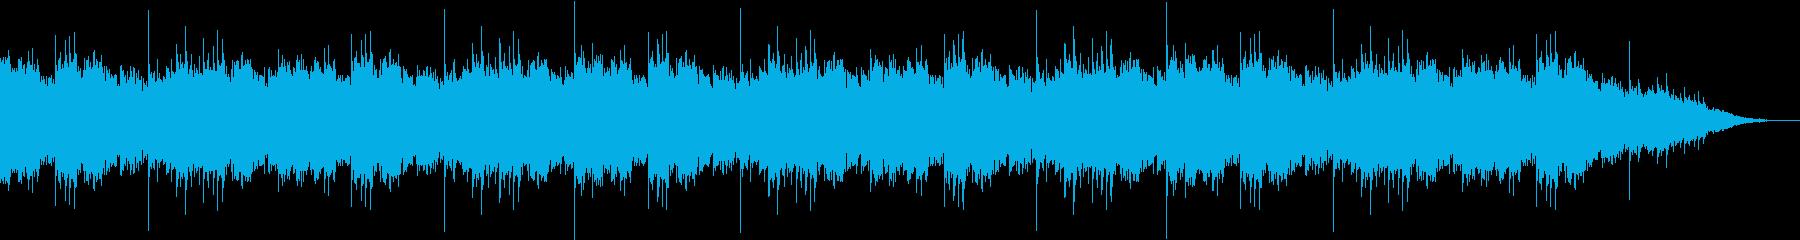 とても荘厳なBGMの再生済みの波形